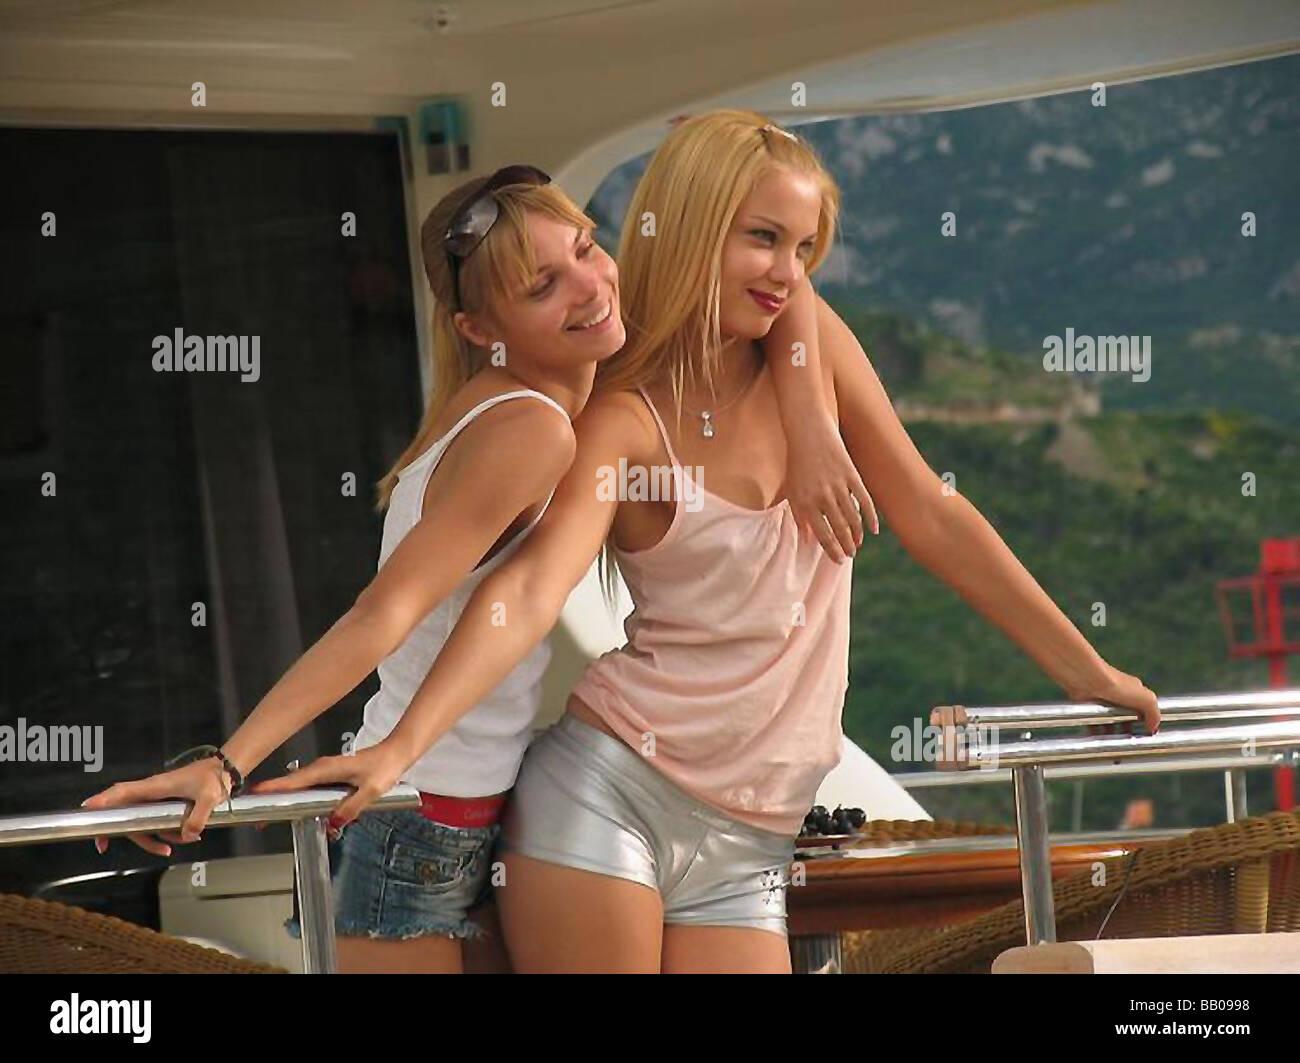 Русскую блондинку ебут трое, Трое русских парней трахают одну девушку - смотреть 13 фотография